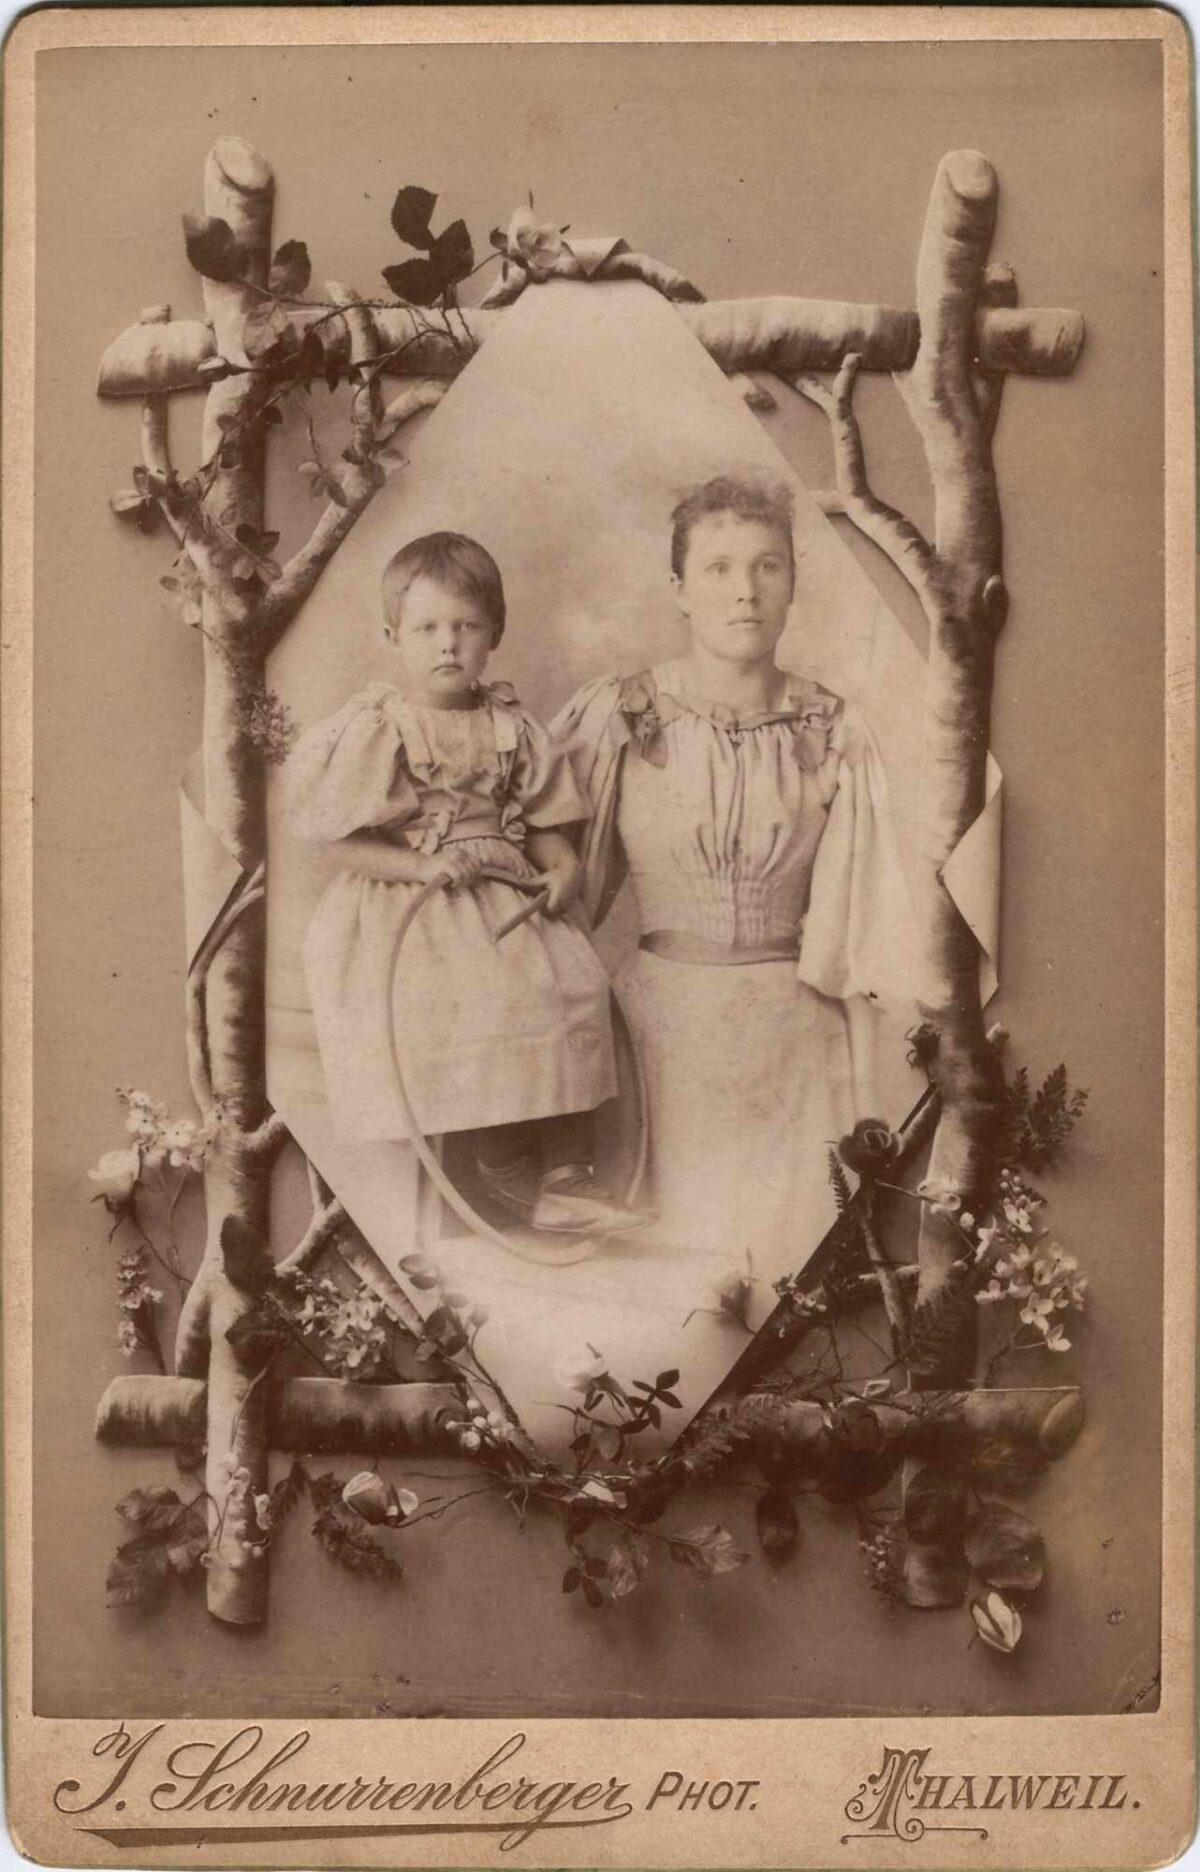 Bild: unbekannte Personen ev. Maria Gürtler mit Mutter